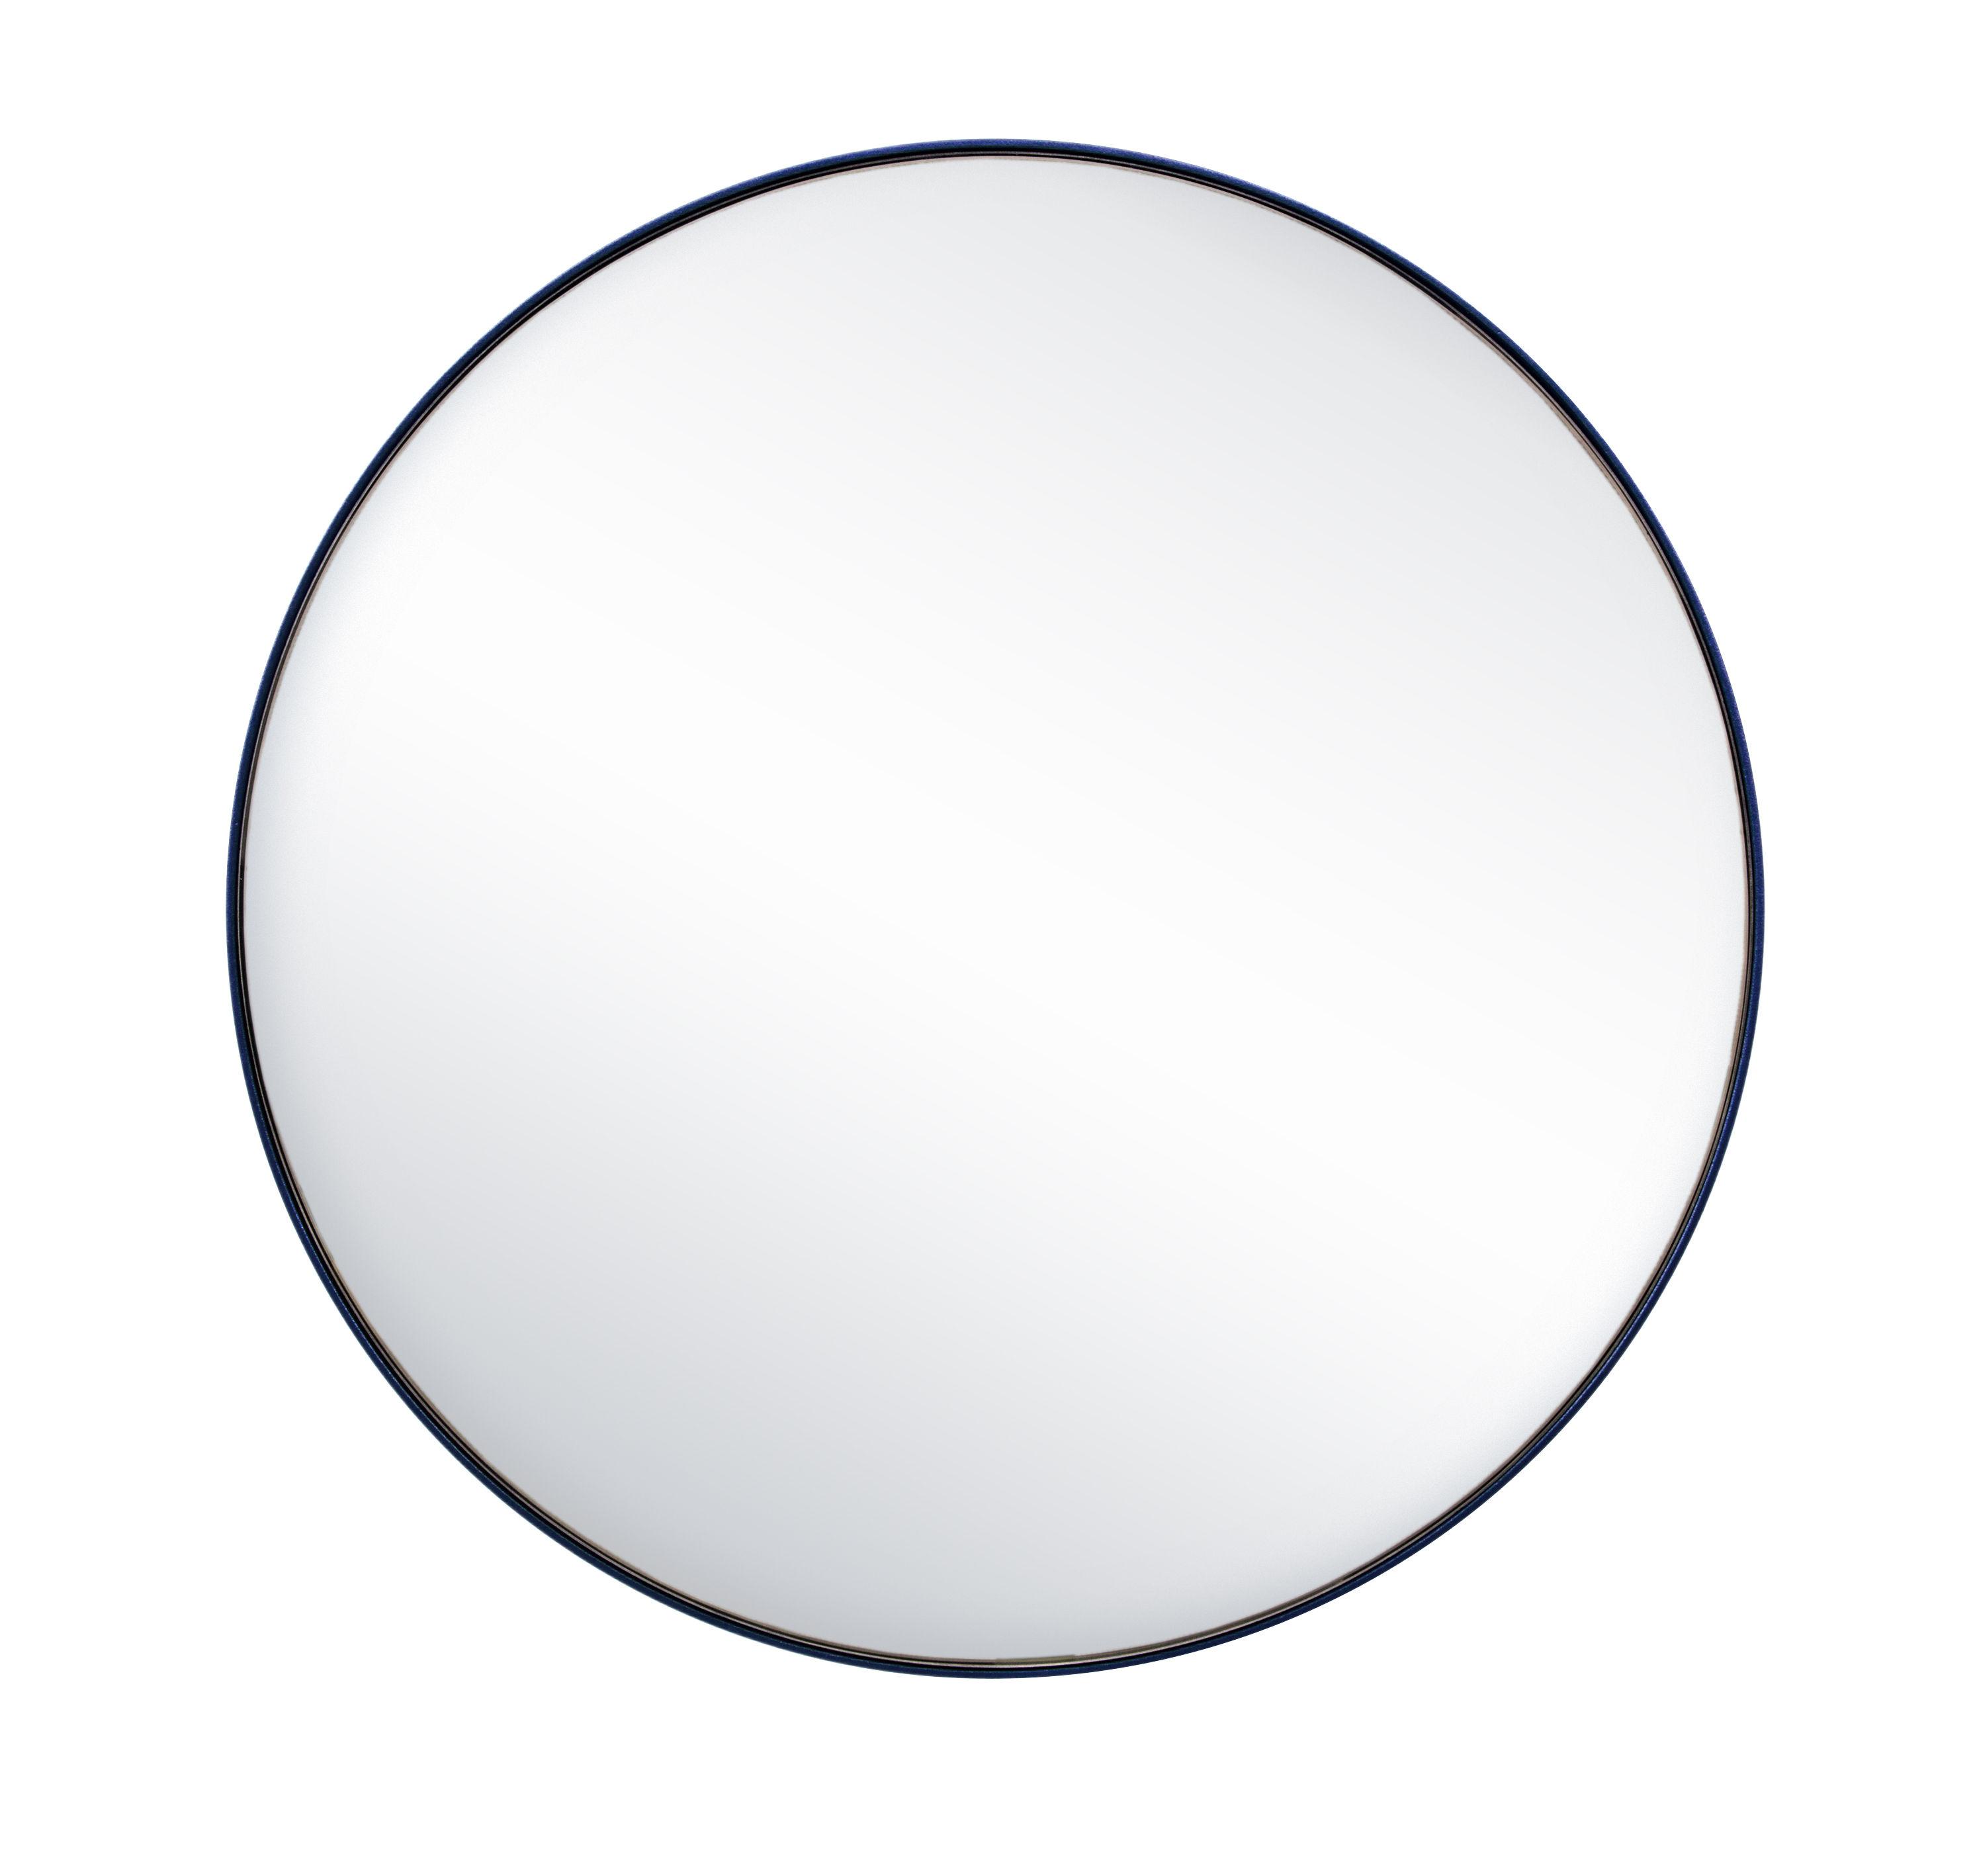 Interni - Specchi - Specchio G16 / Ø 44,8 cm - Acciaio - Tolix - Blu notte - Acciaio riciclato laccato, Vetro lucidato